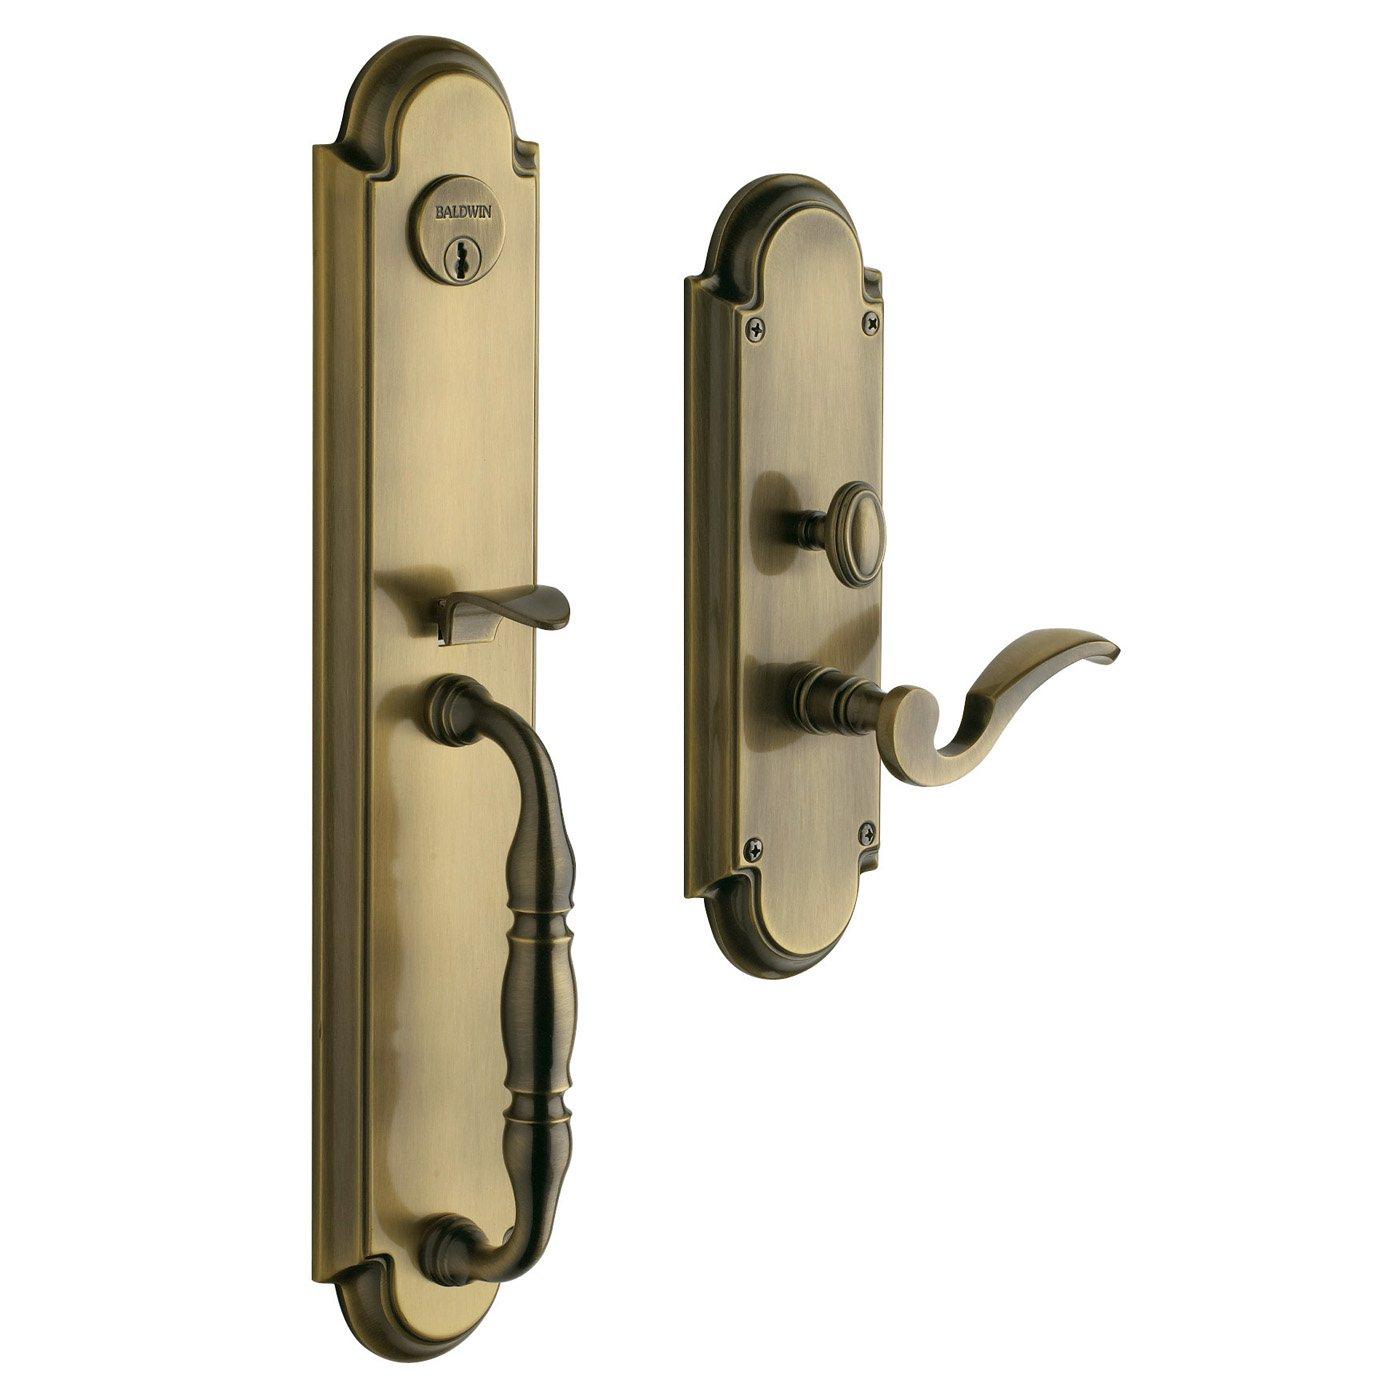 baldwin door knob parts photo - 2